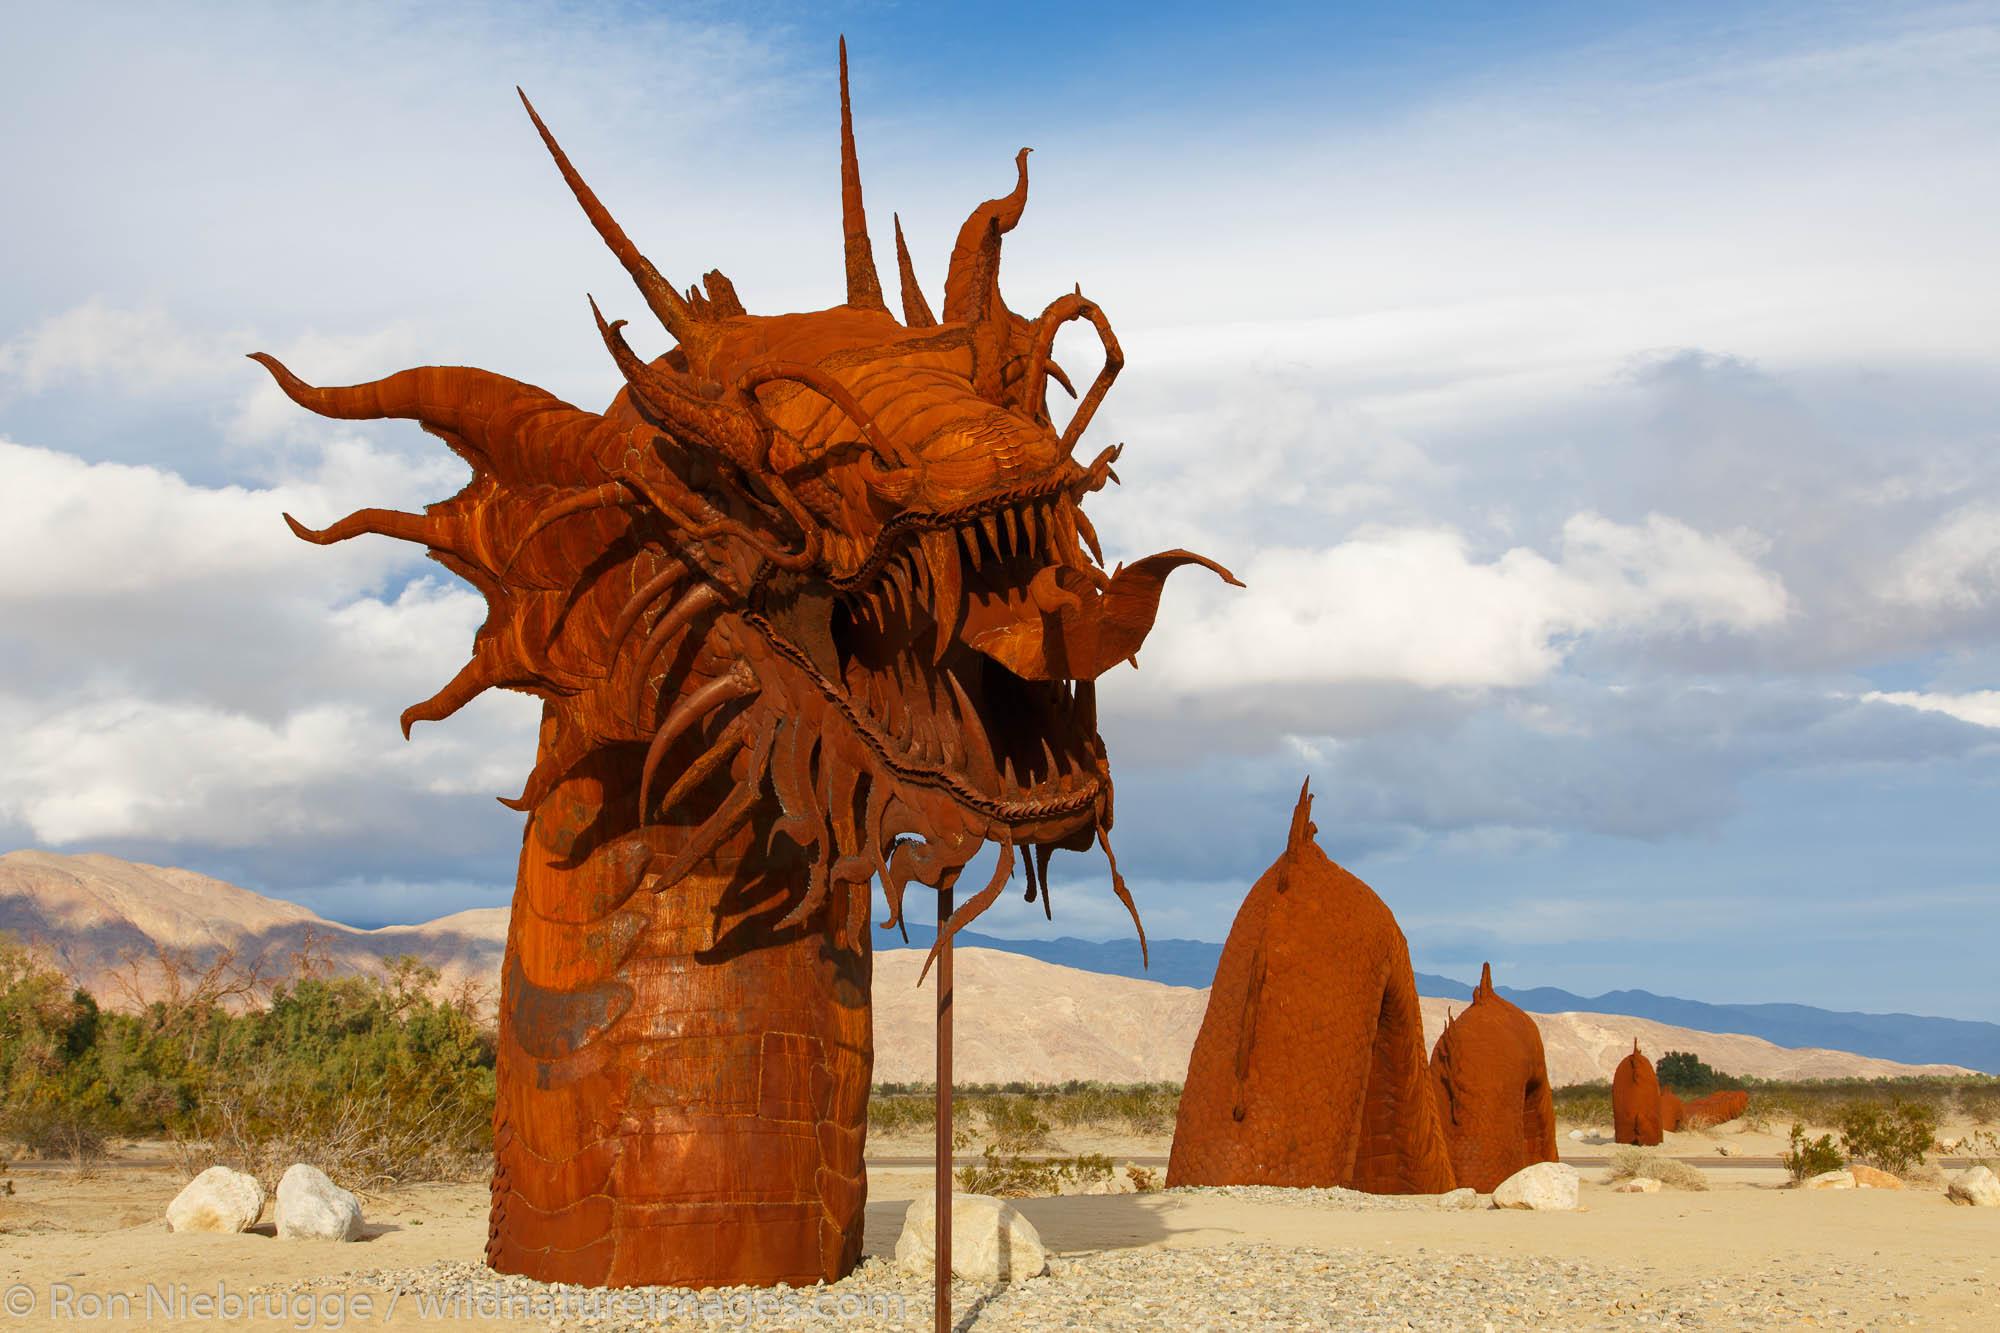 A statue in Borrego Springs, near Anza-Borrego Desert State Park, California.